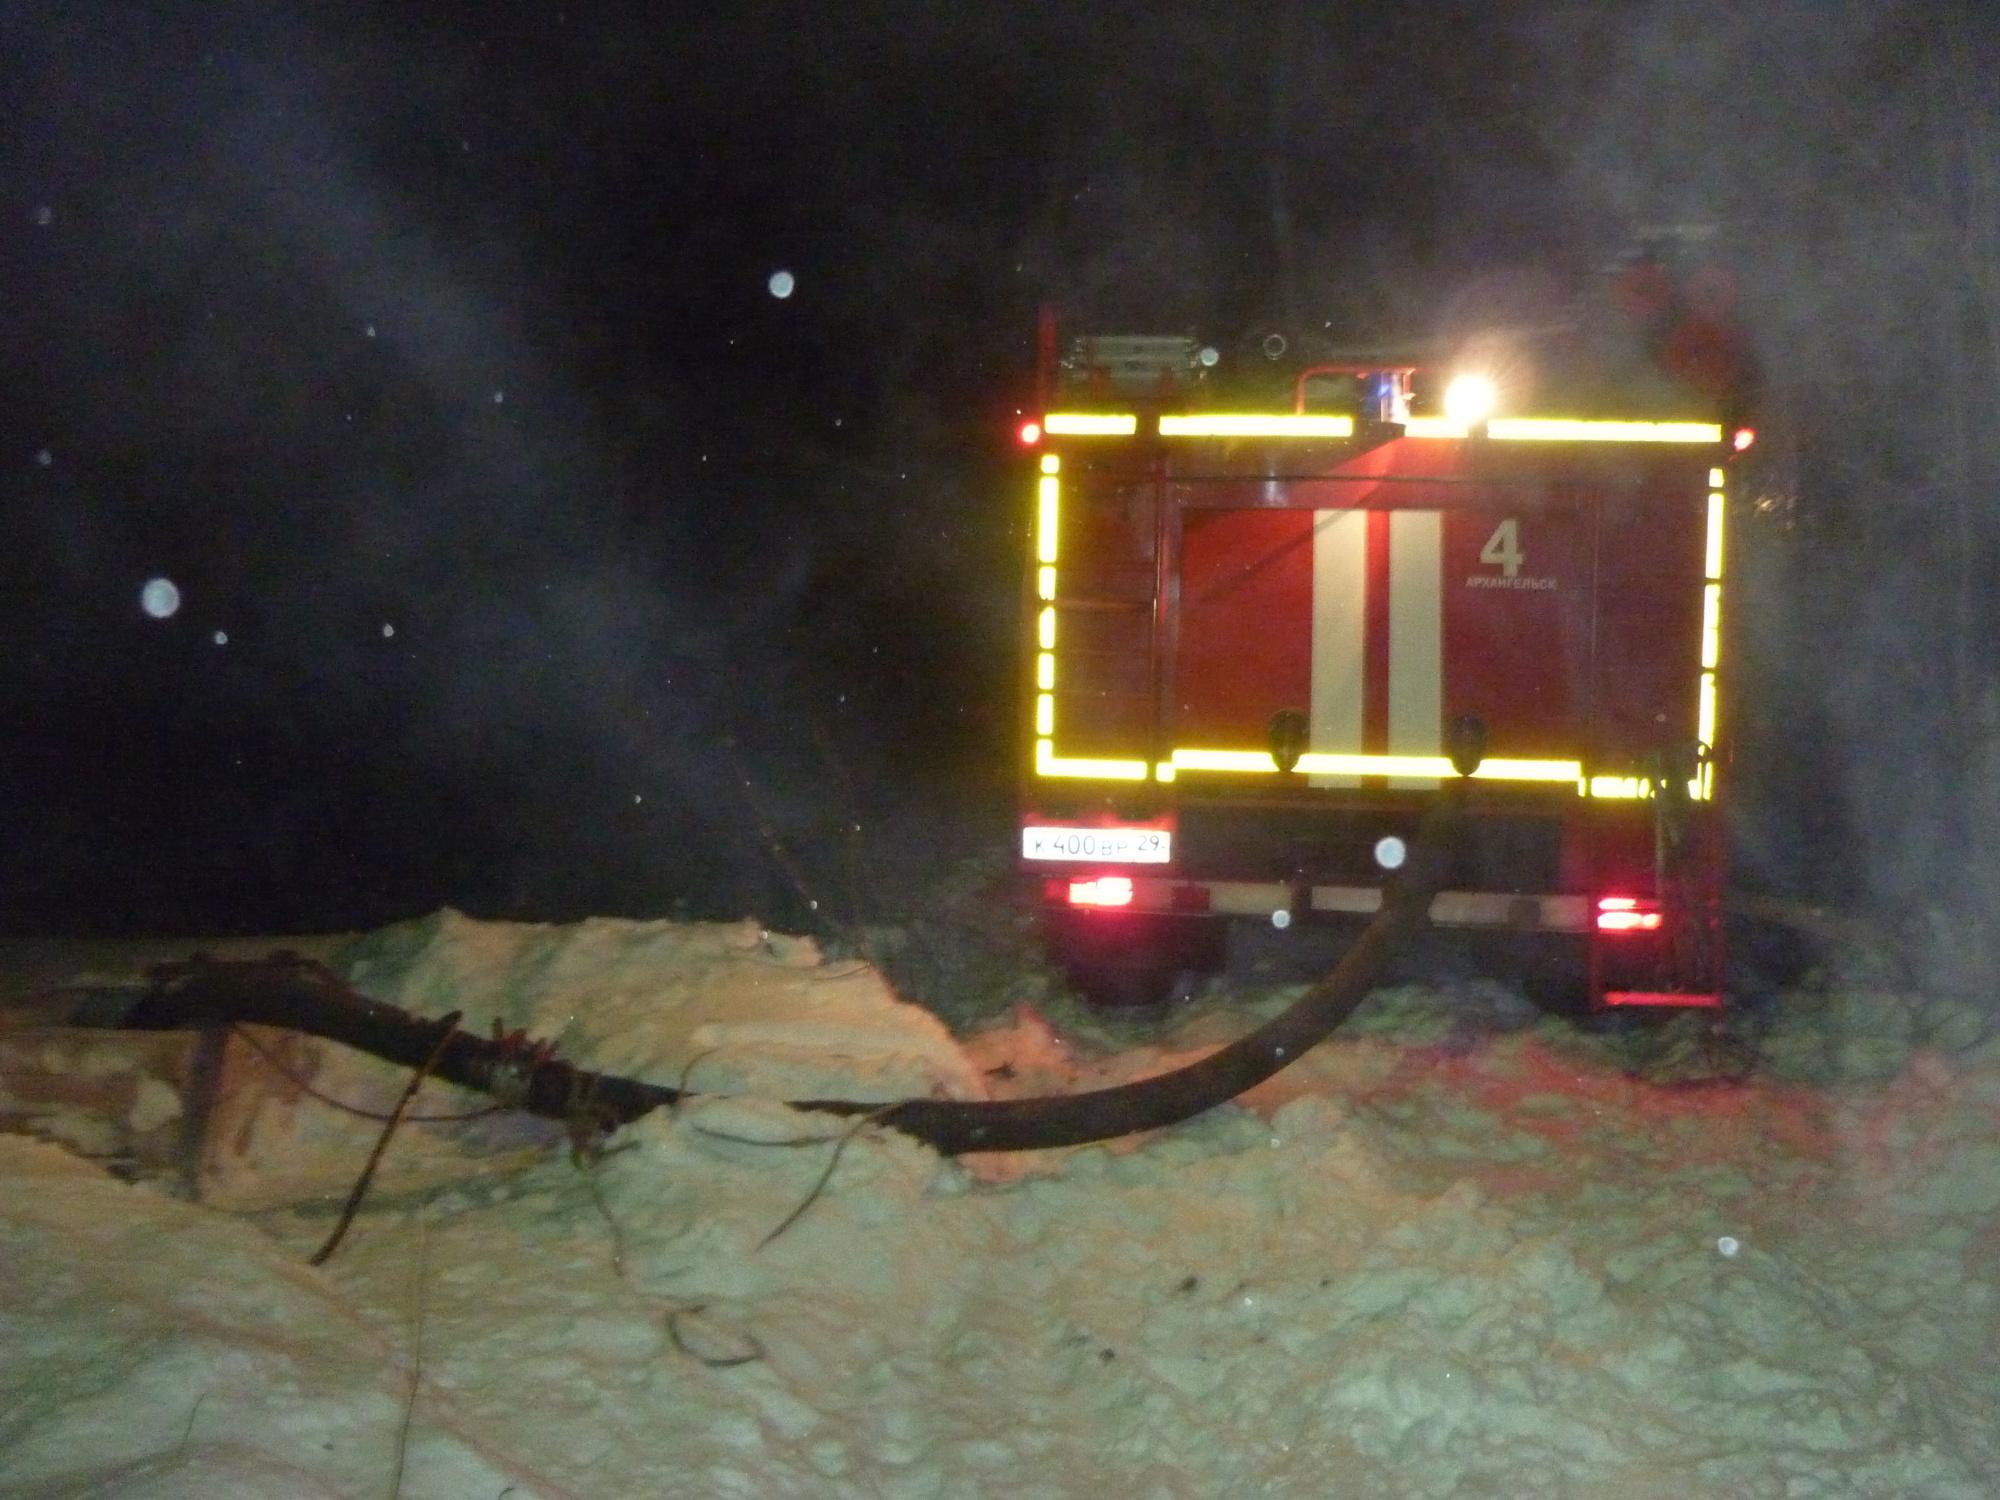 Пожарно-спасательные подразделения ликвидировали пожар в Коношском районе Архангельской области.